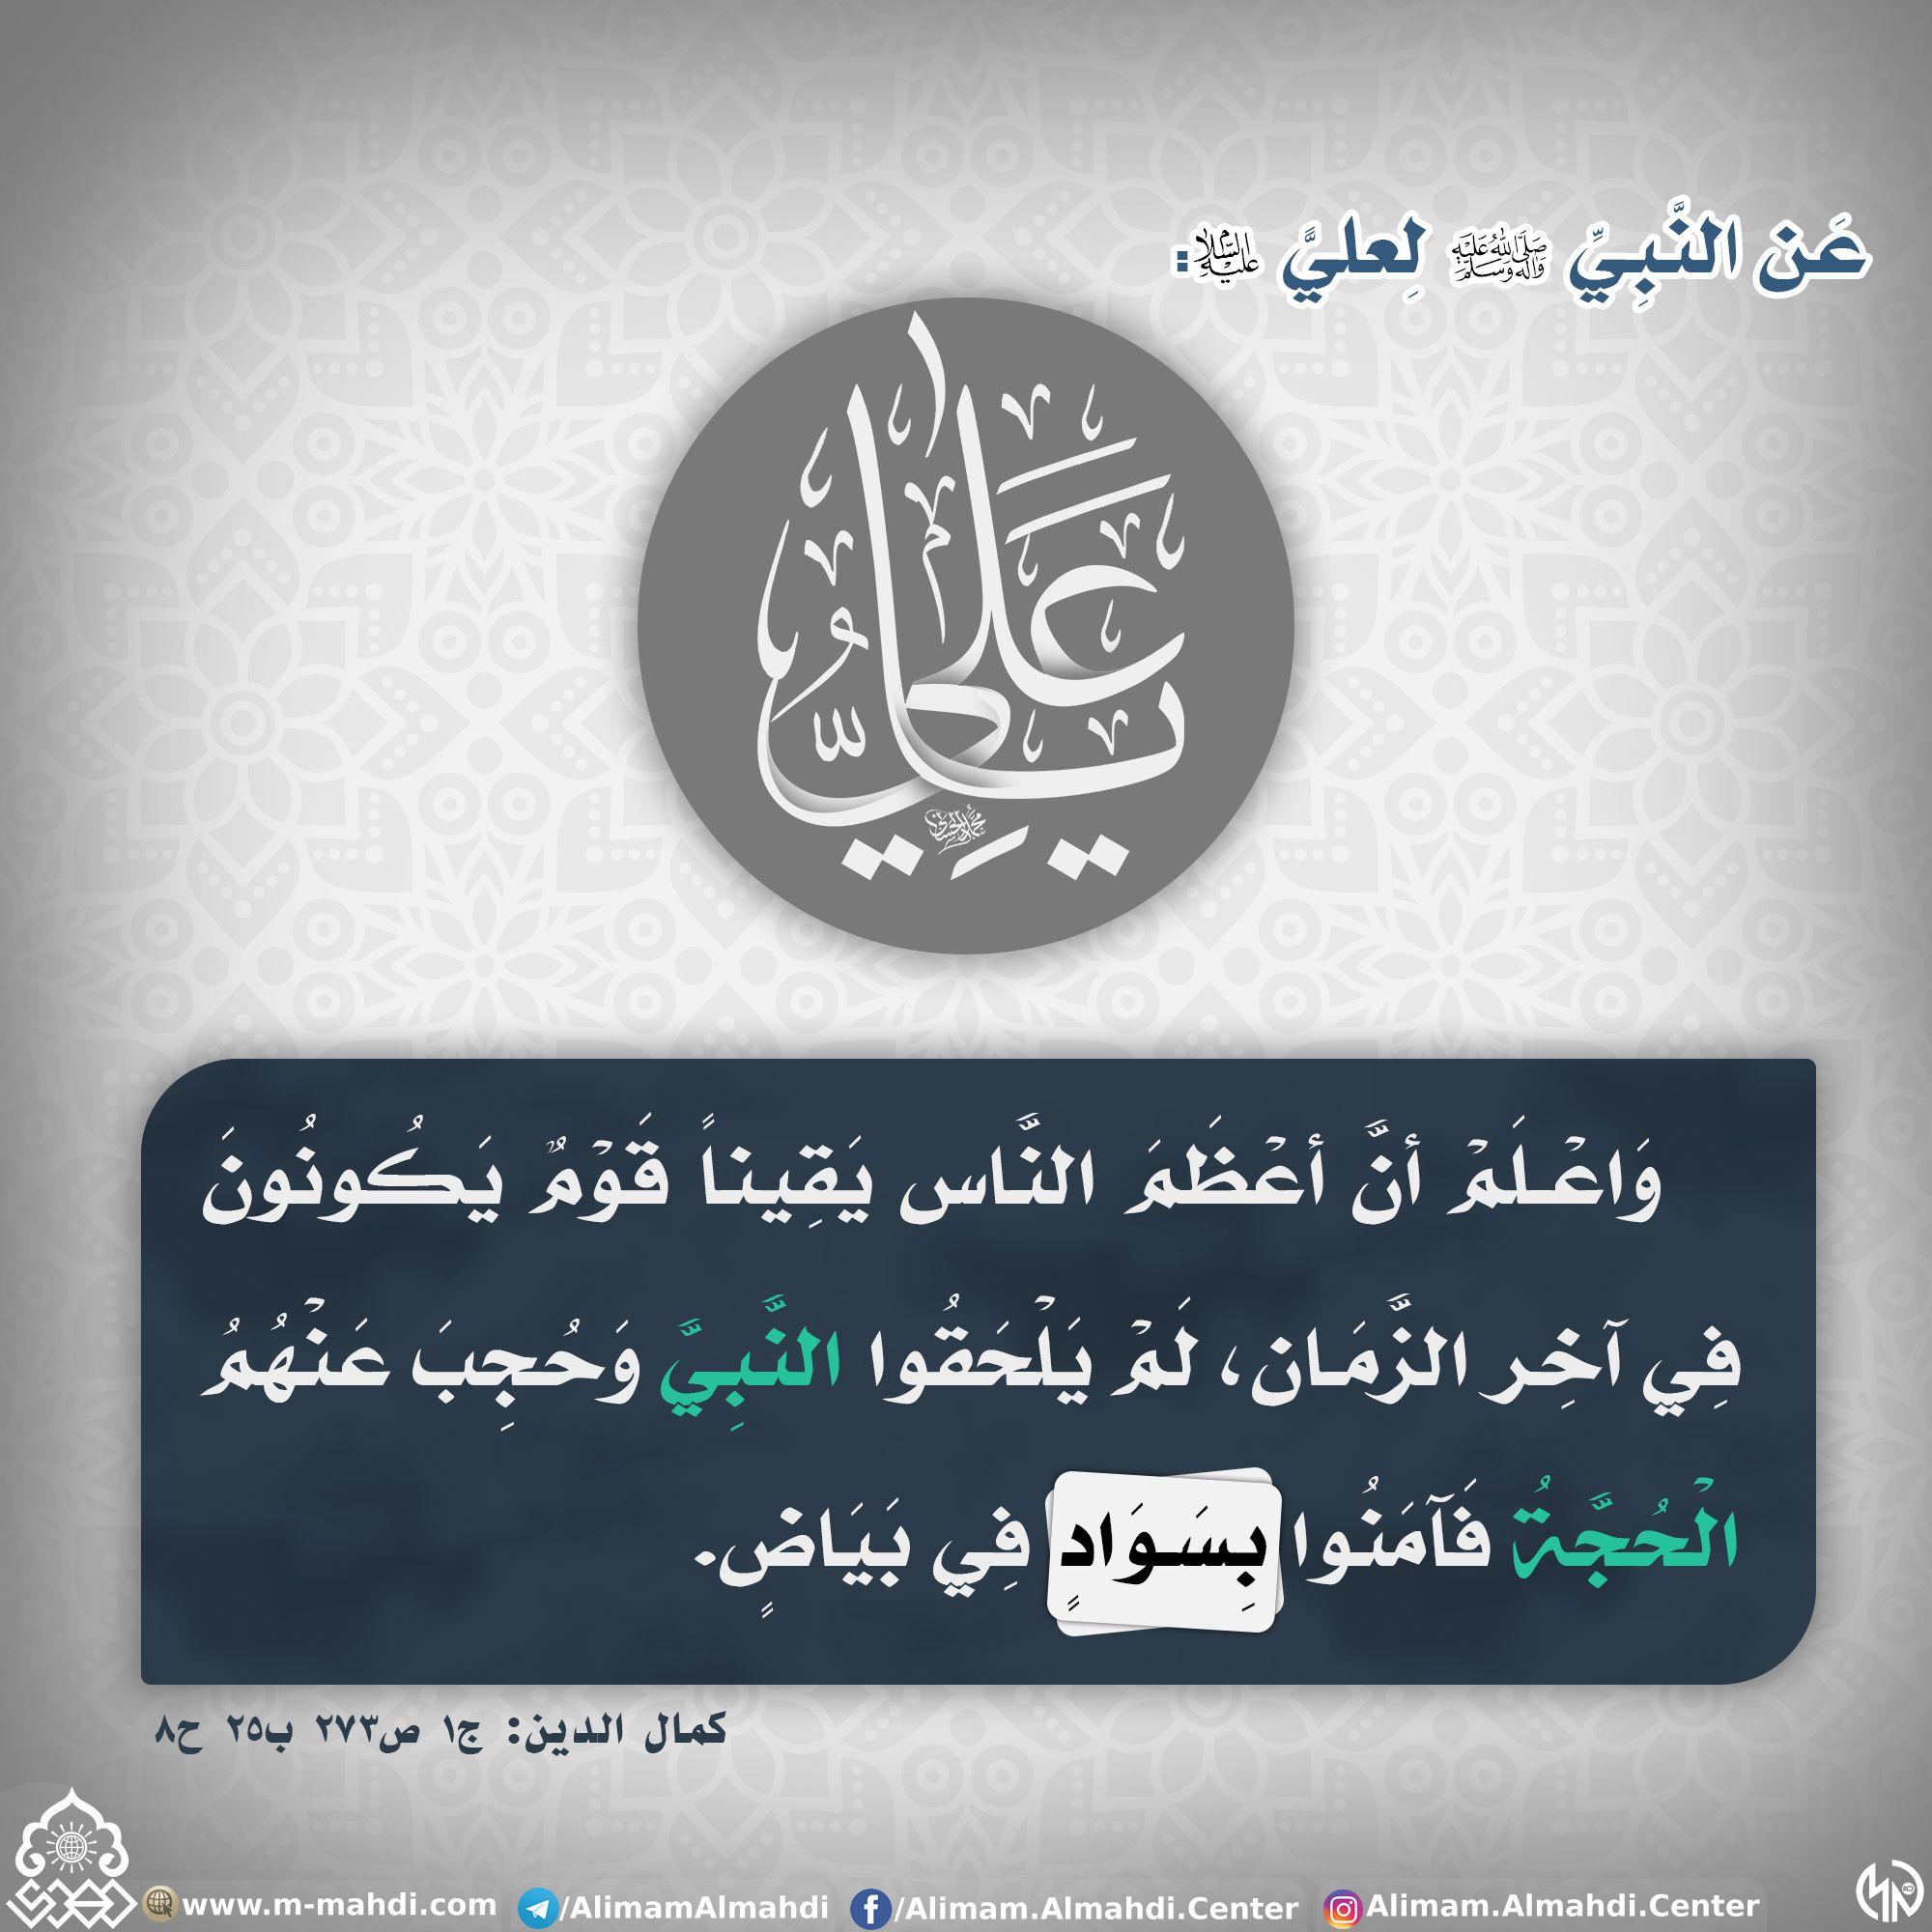 عن النبي صلى الله عليه وآله وسلم Proverbs Quotes Islamic Quotes Words